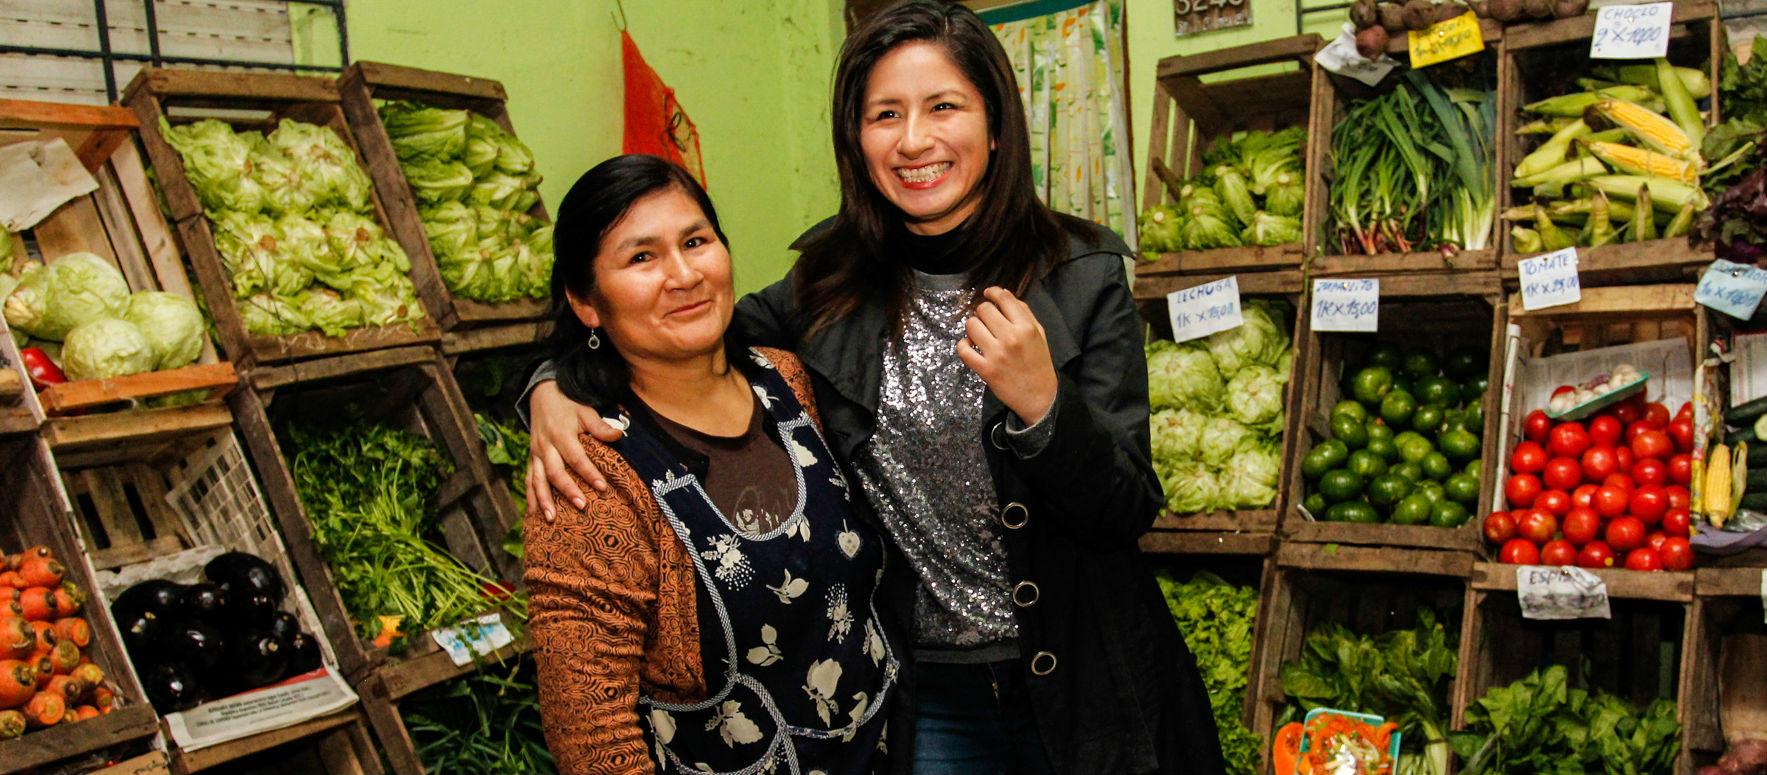 De la verduler a a la alta costura for Chimentos de hoy en argentina